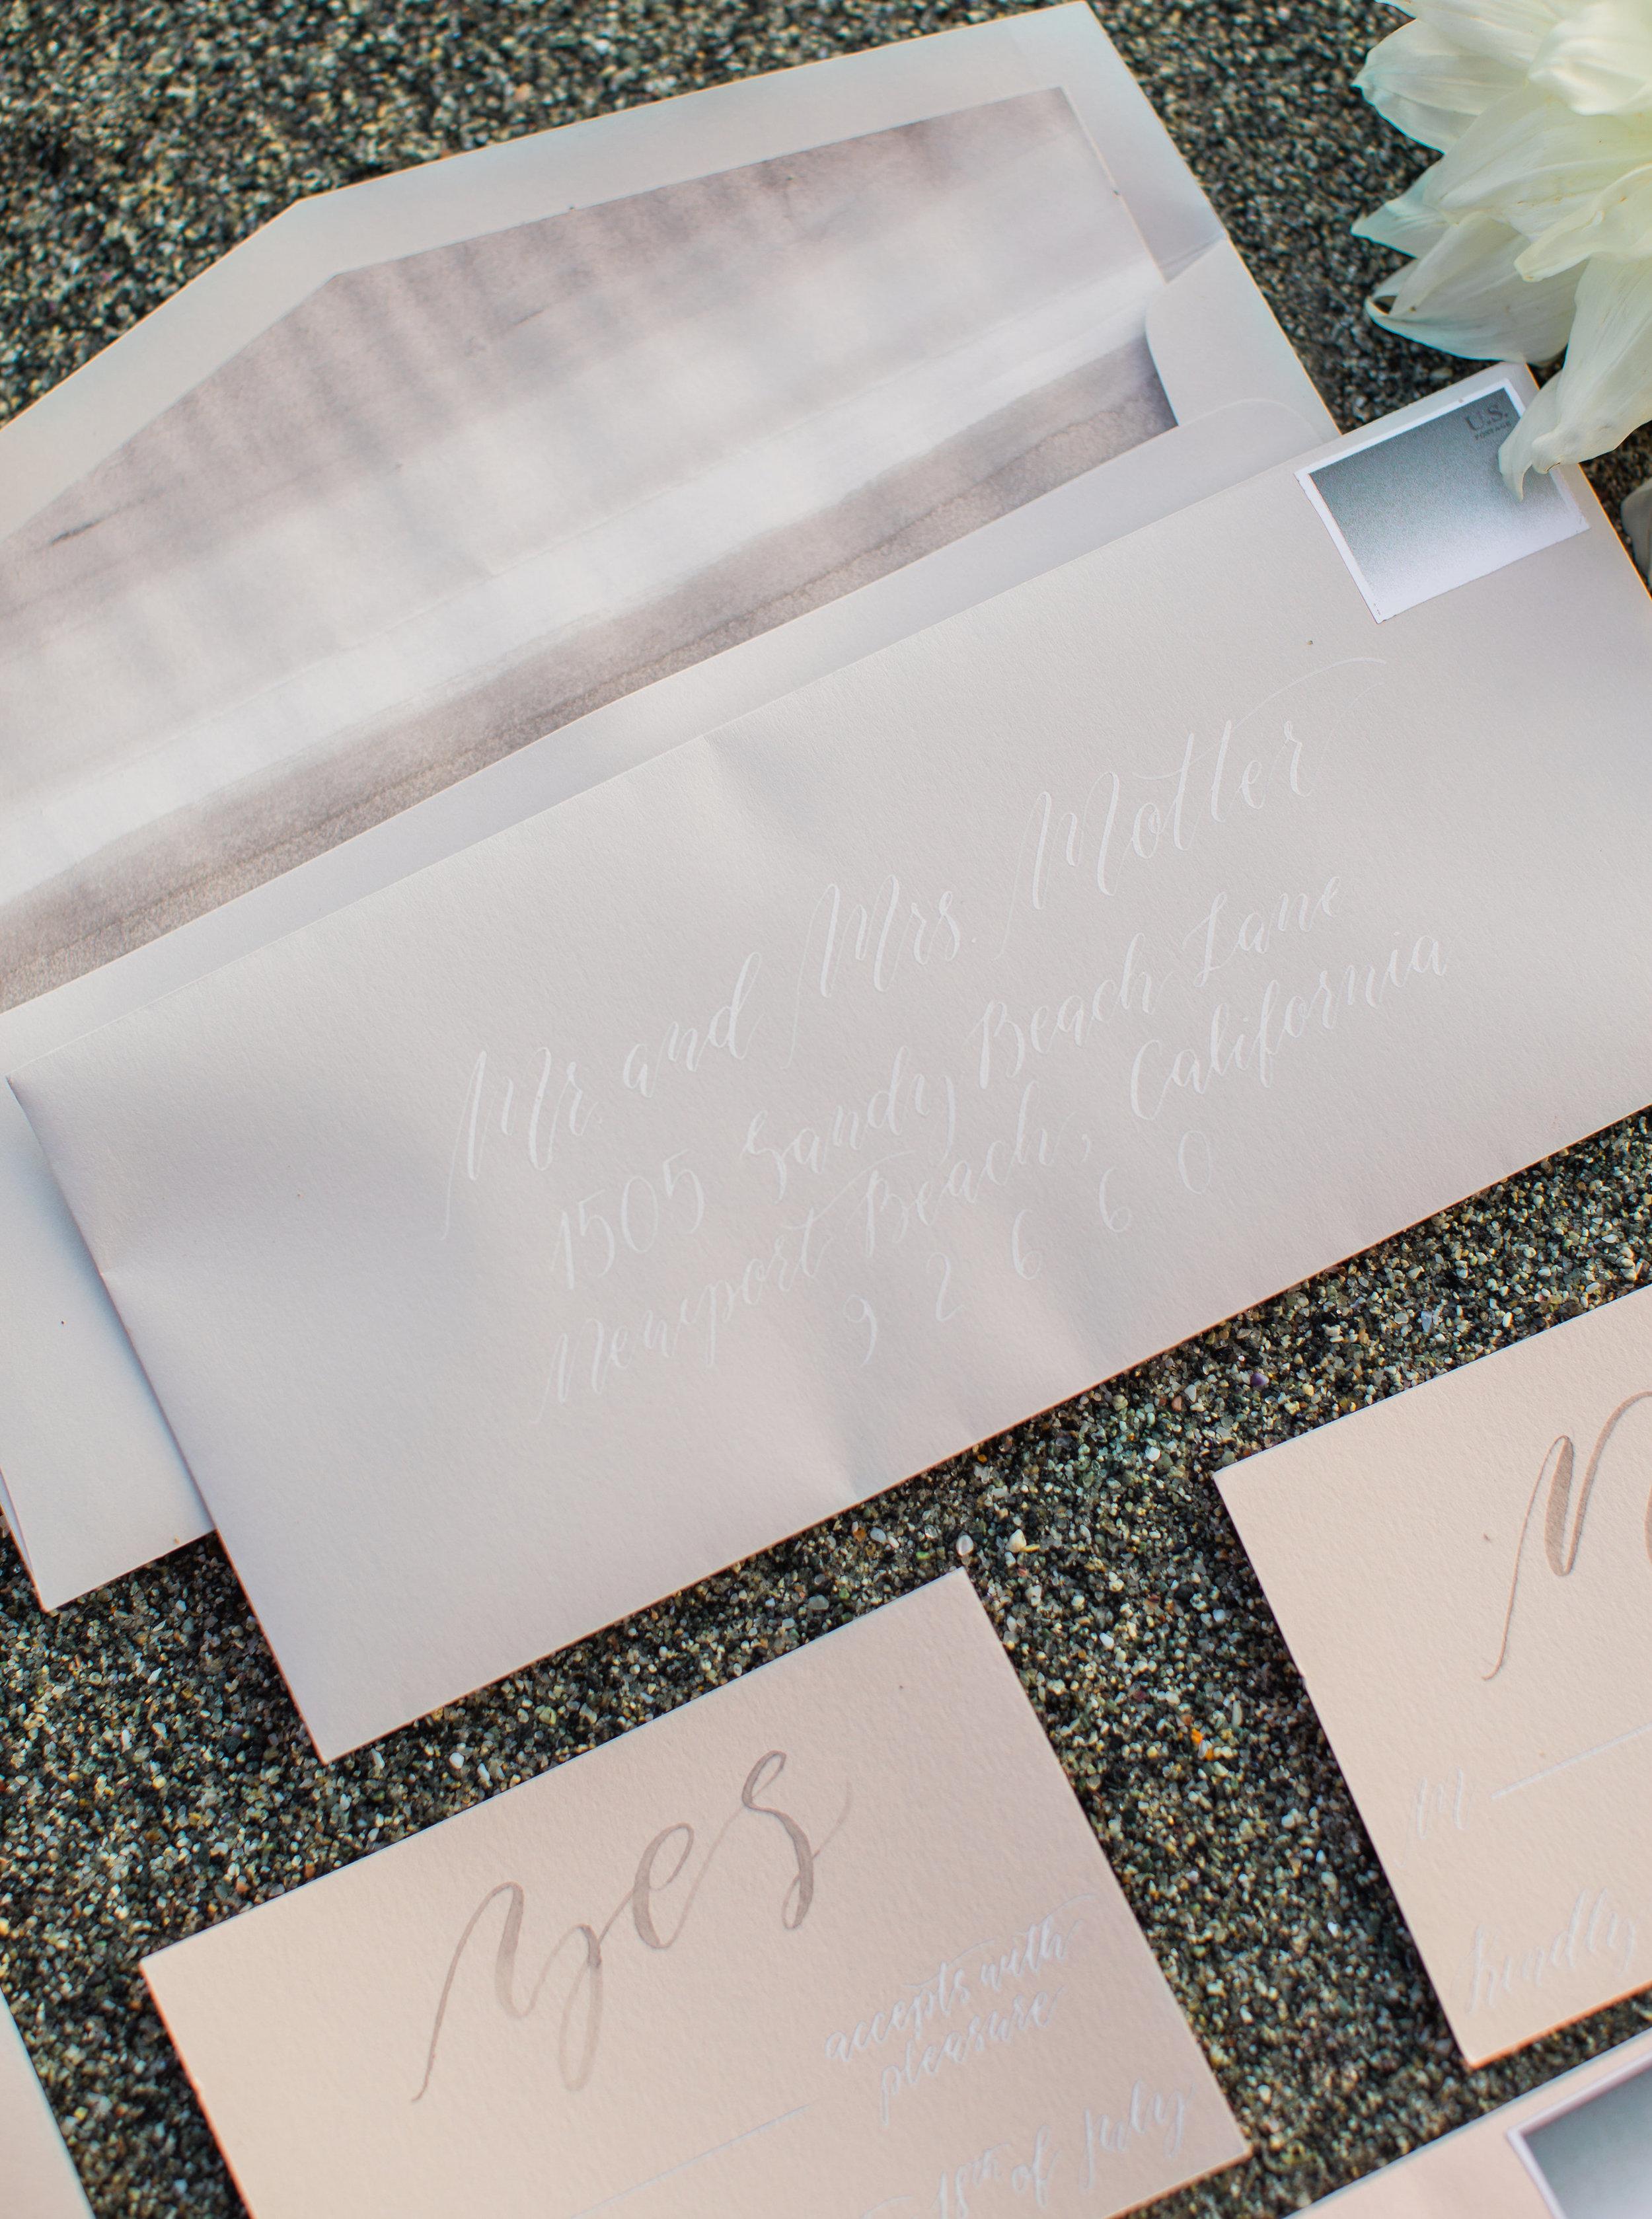 weddingcalligrapher